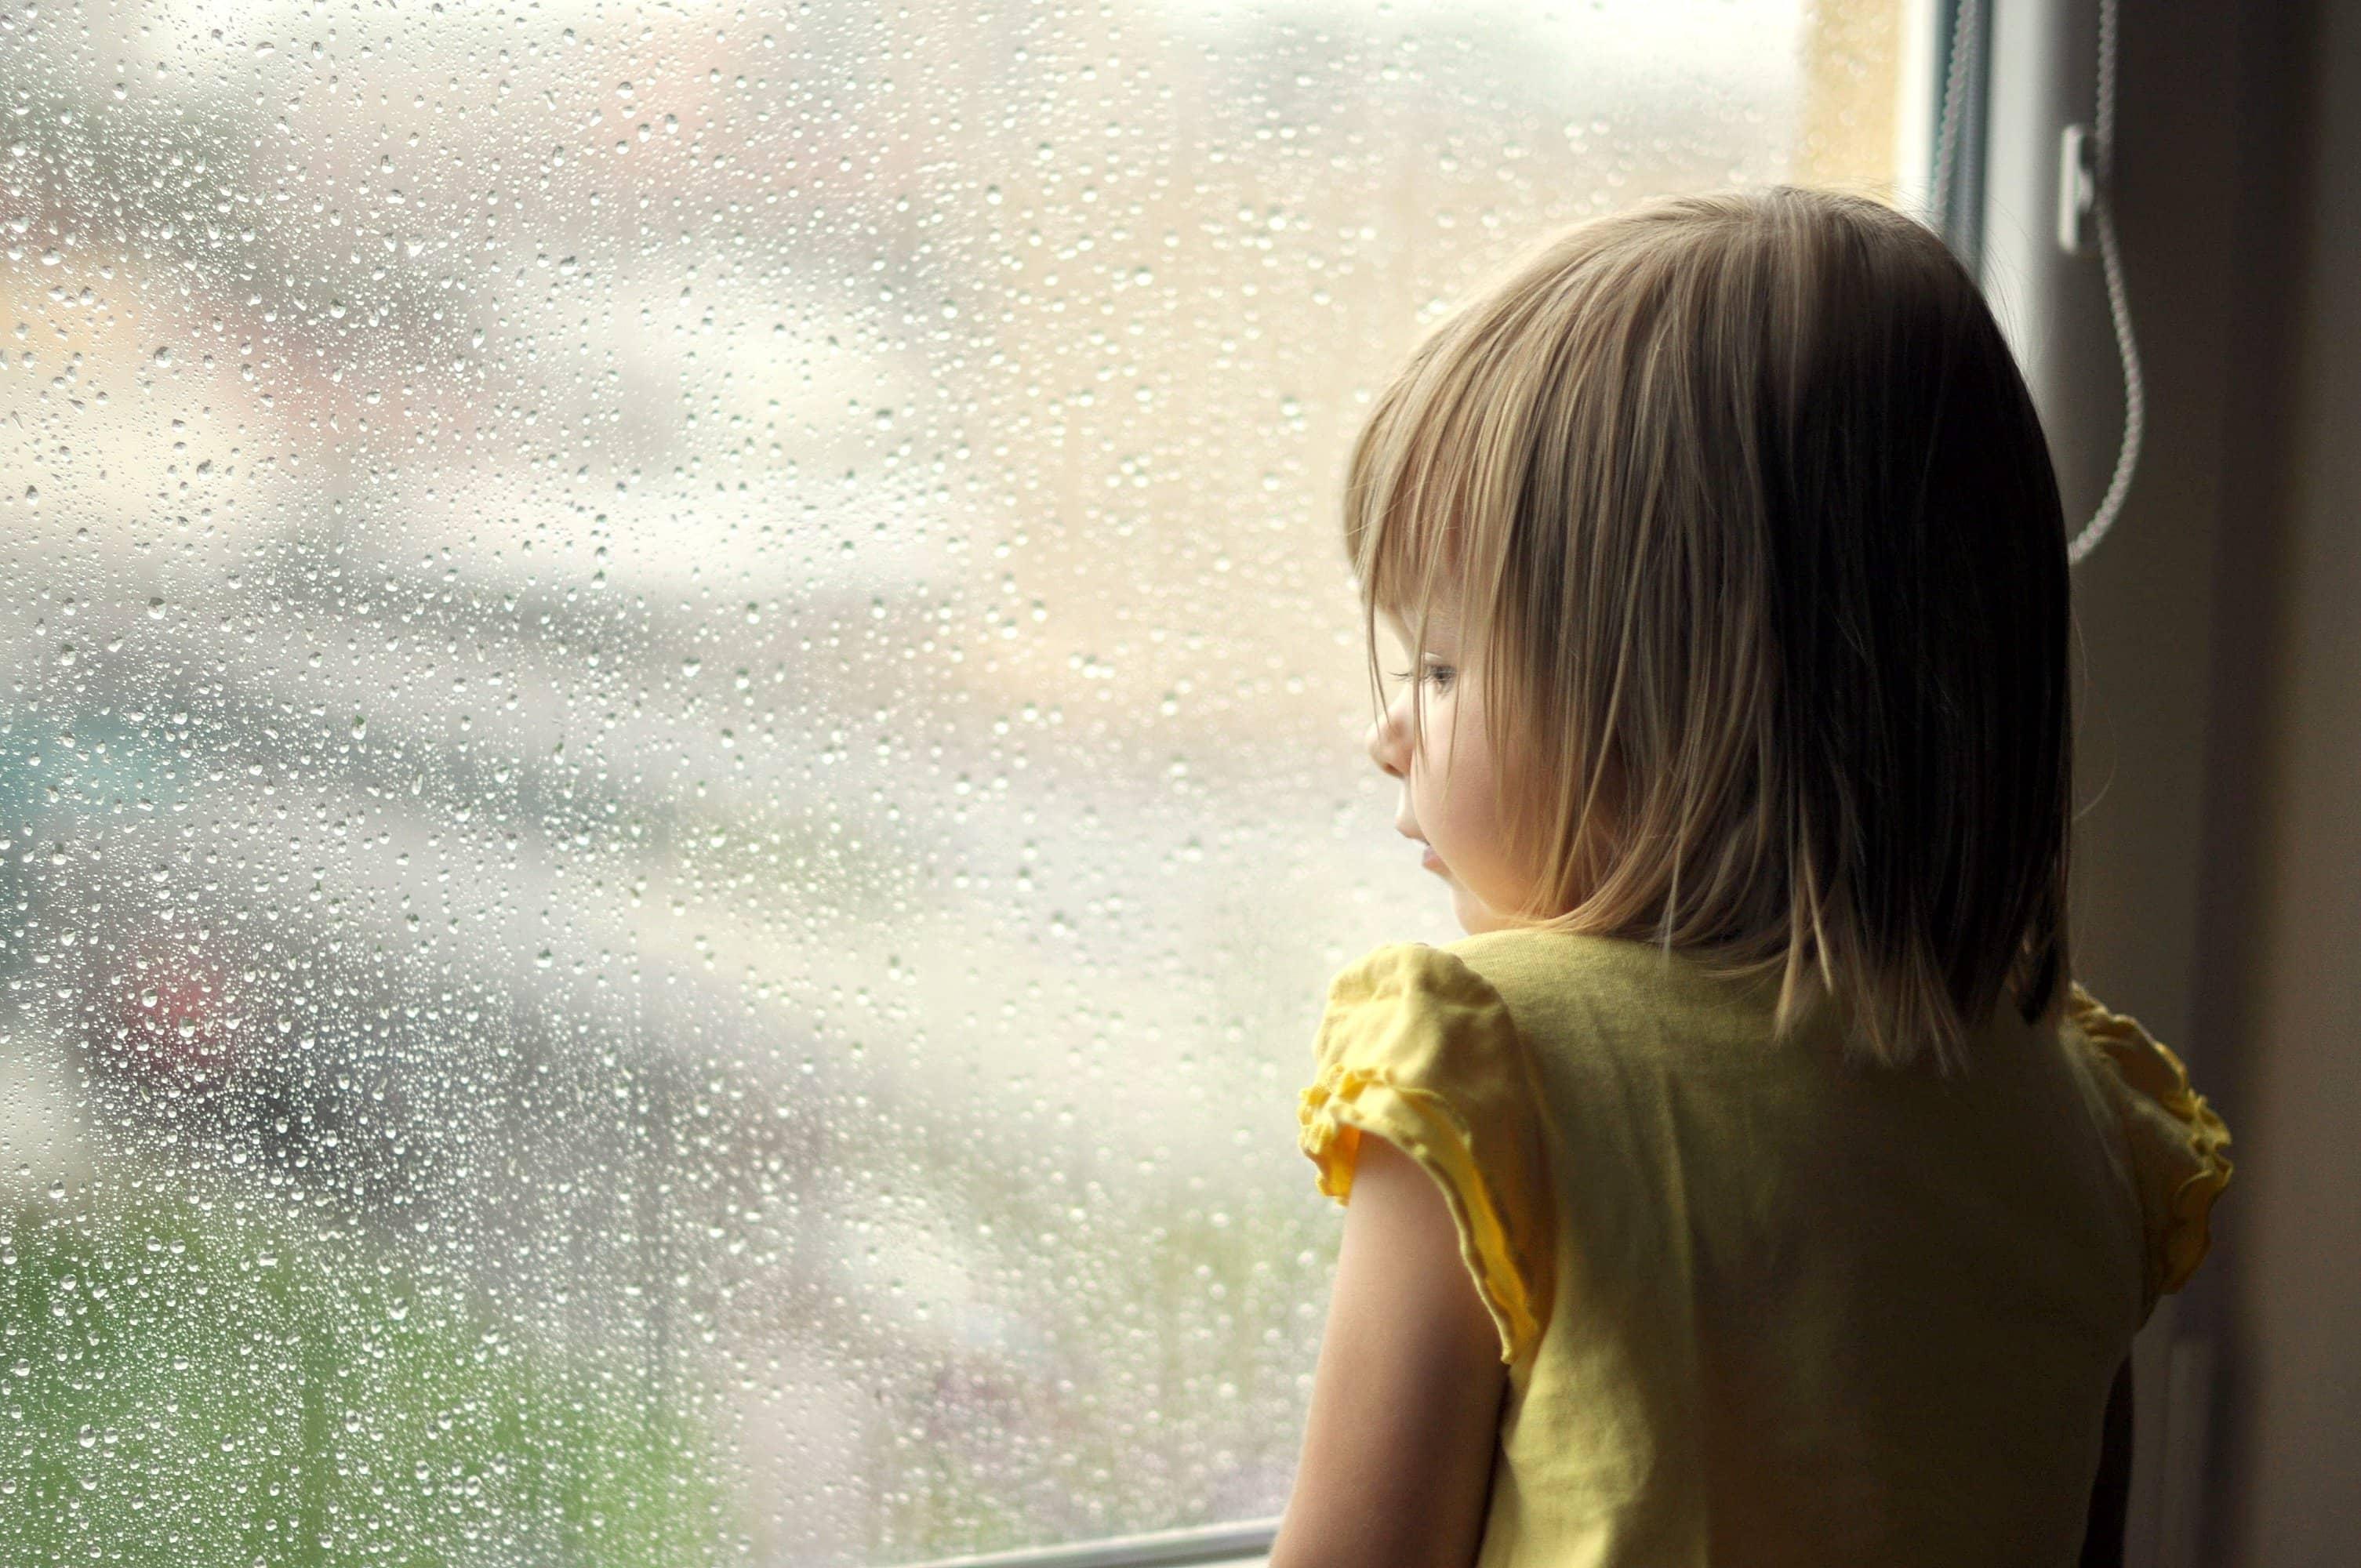 les enfants et la séparation - 2houses